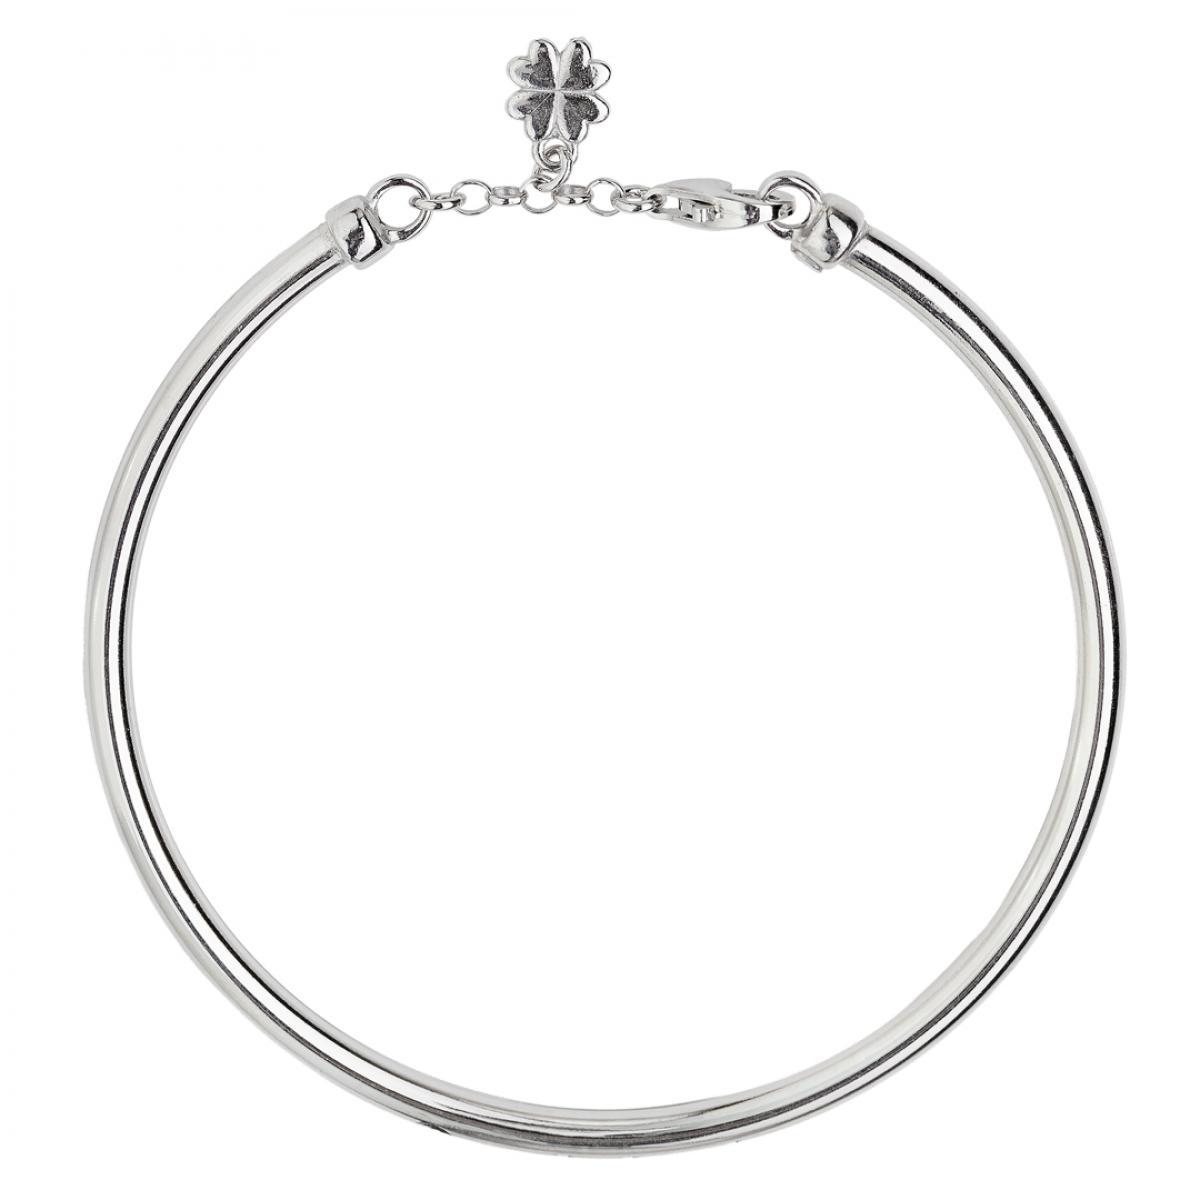 Браслет срібний жіночий ``Good Luck`` BRCLTCH GOOD 300